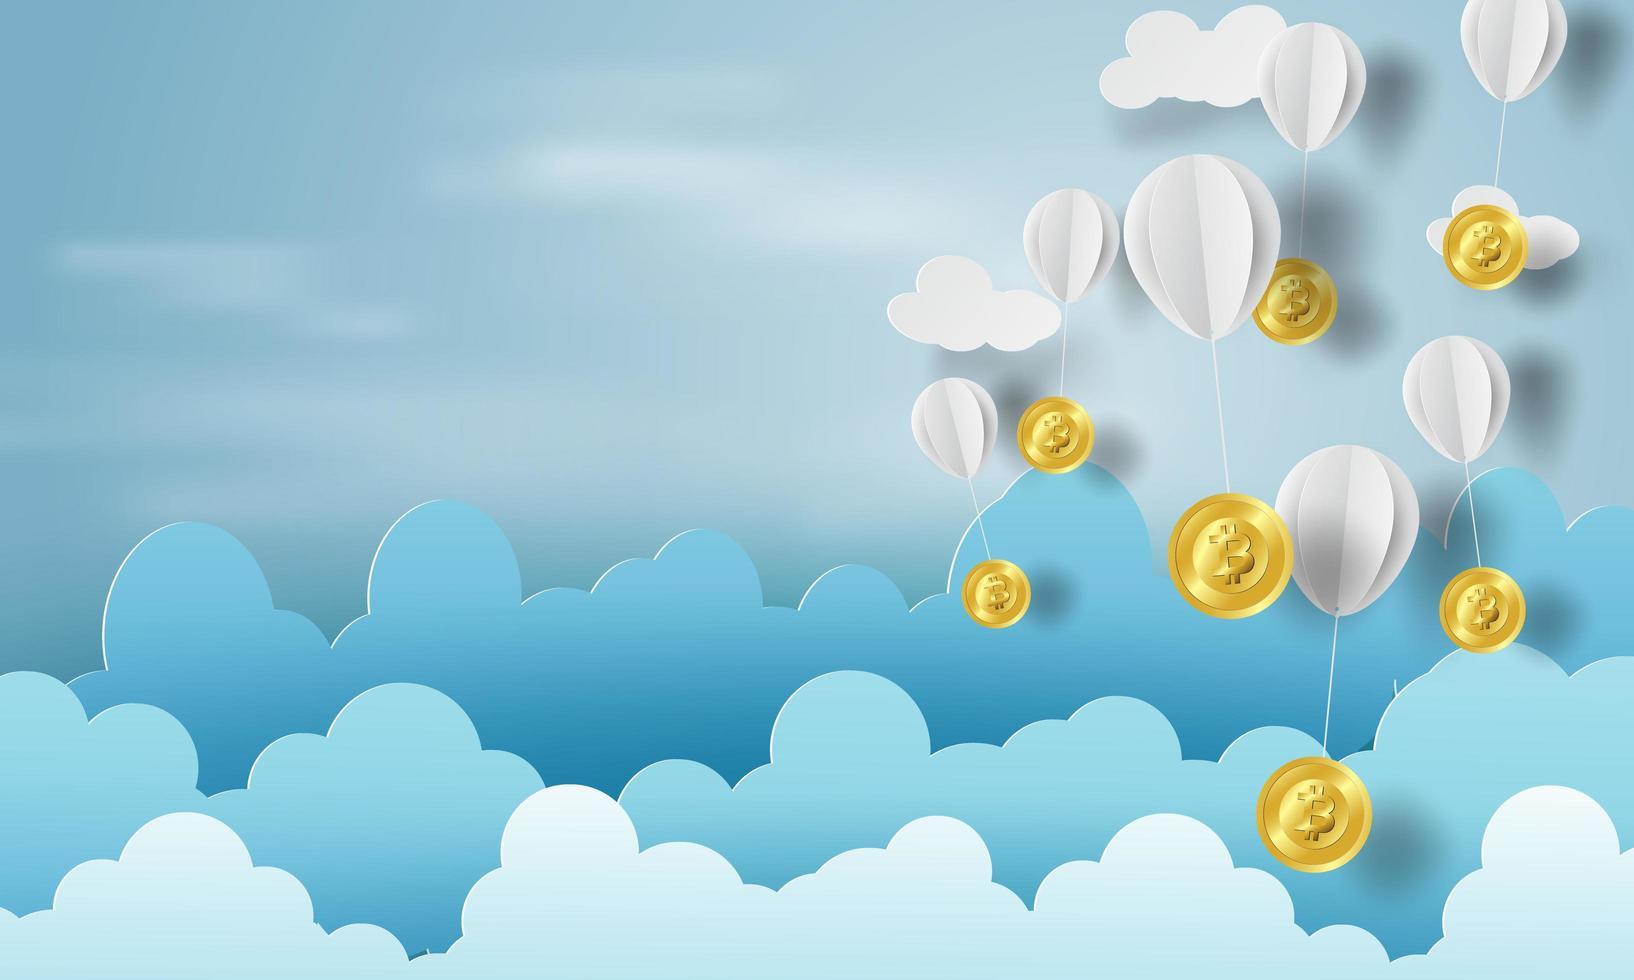 papierkunst van ballonnen als wolken op blauwe hemelbanner met bitcoins vector